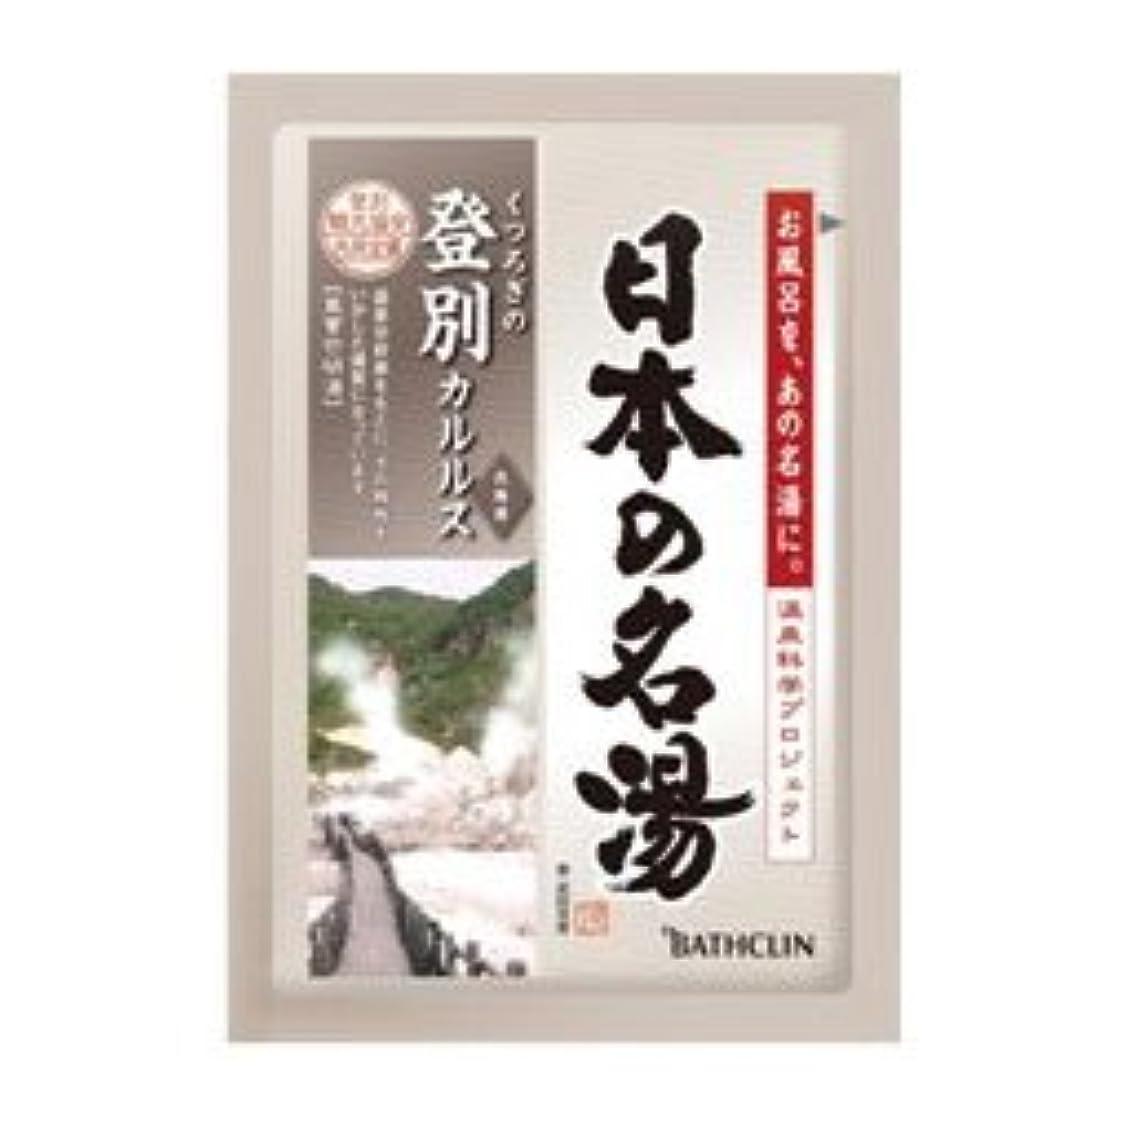 冷凍庫アーネストシャクルトンインサートバスクリン 日本の名湯 登別カルルス 1包 医薬部外品 入浴剤×120点セット (4548514134980)